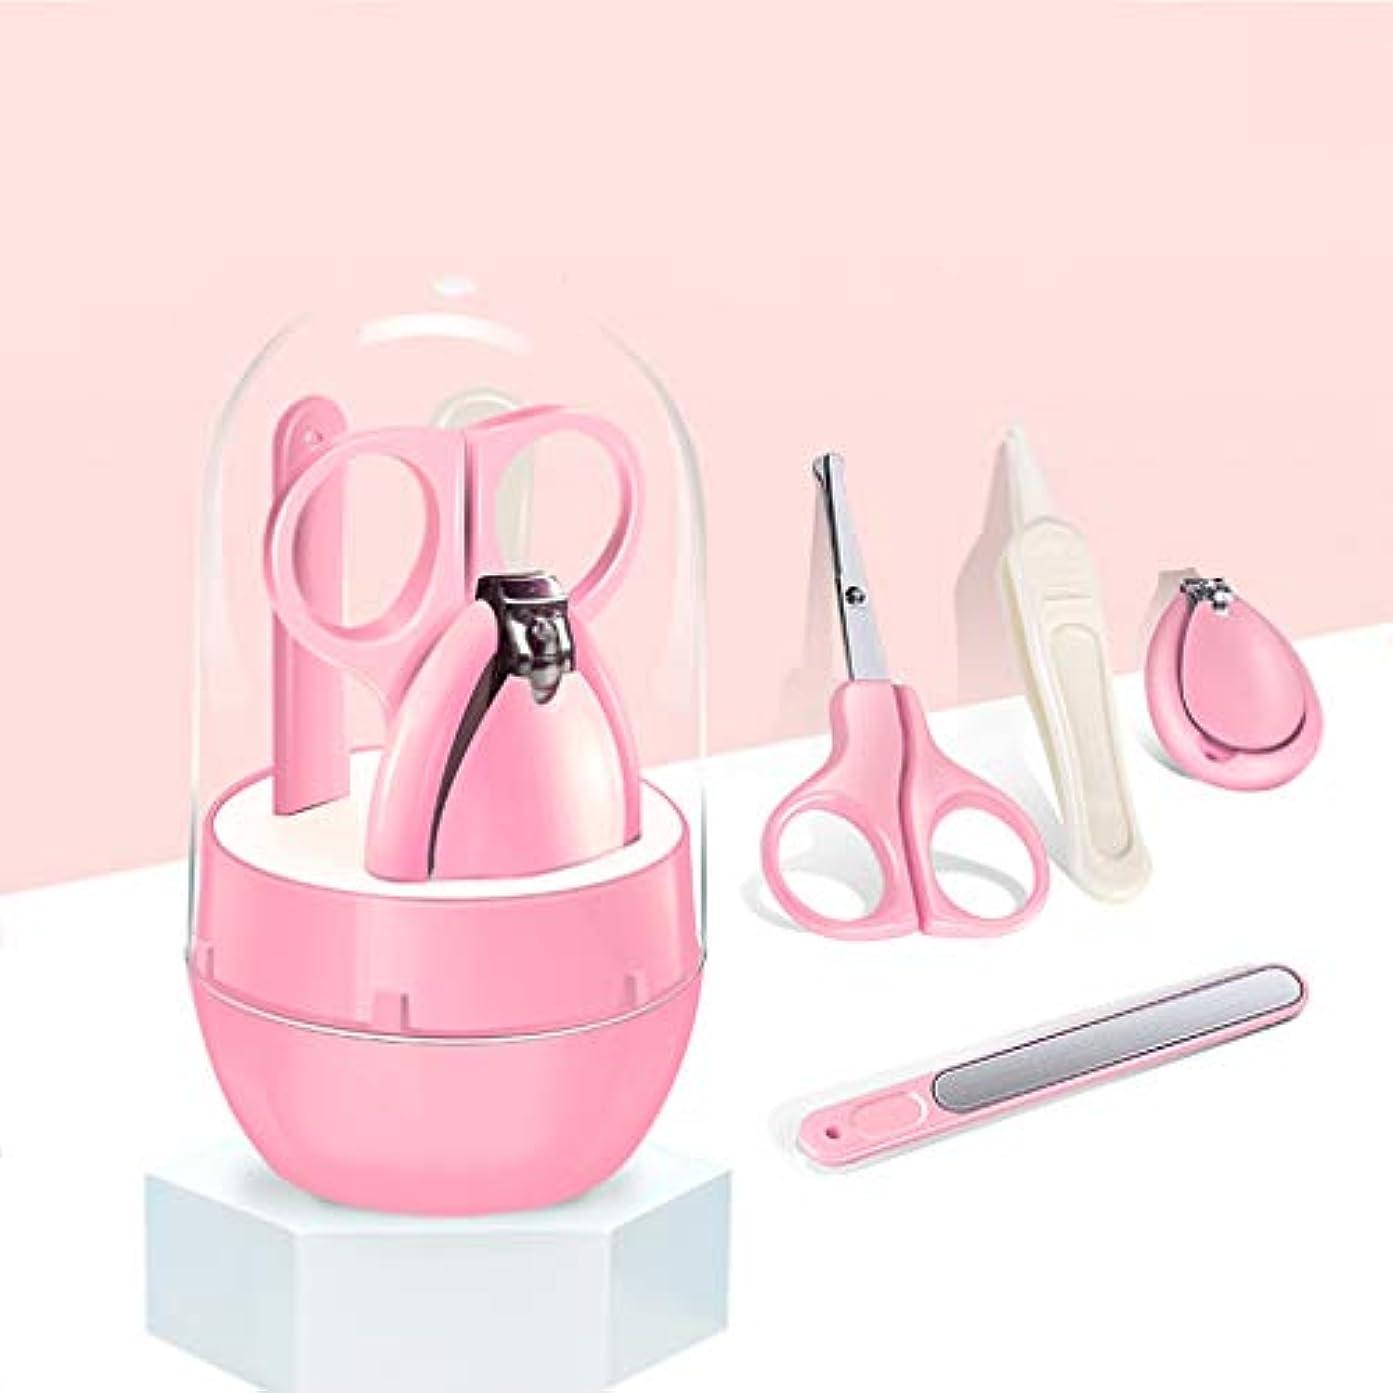 コンサルタント言語学ブラザー赤ん坊の釘セット、4つのステンレス鋼の心配セットのセットの反肉の爪切りの安全および環境保護,Pink